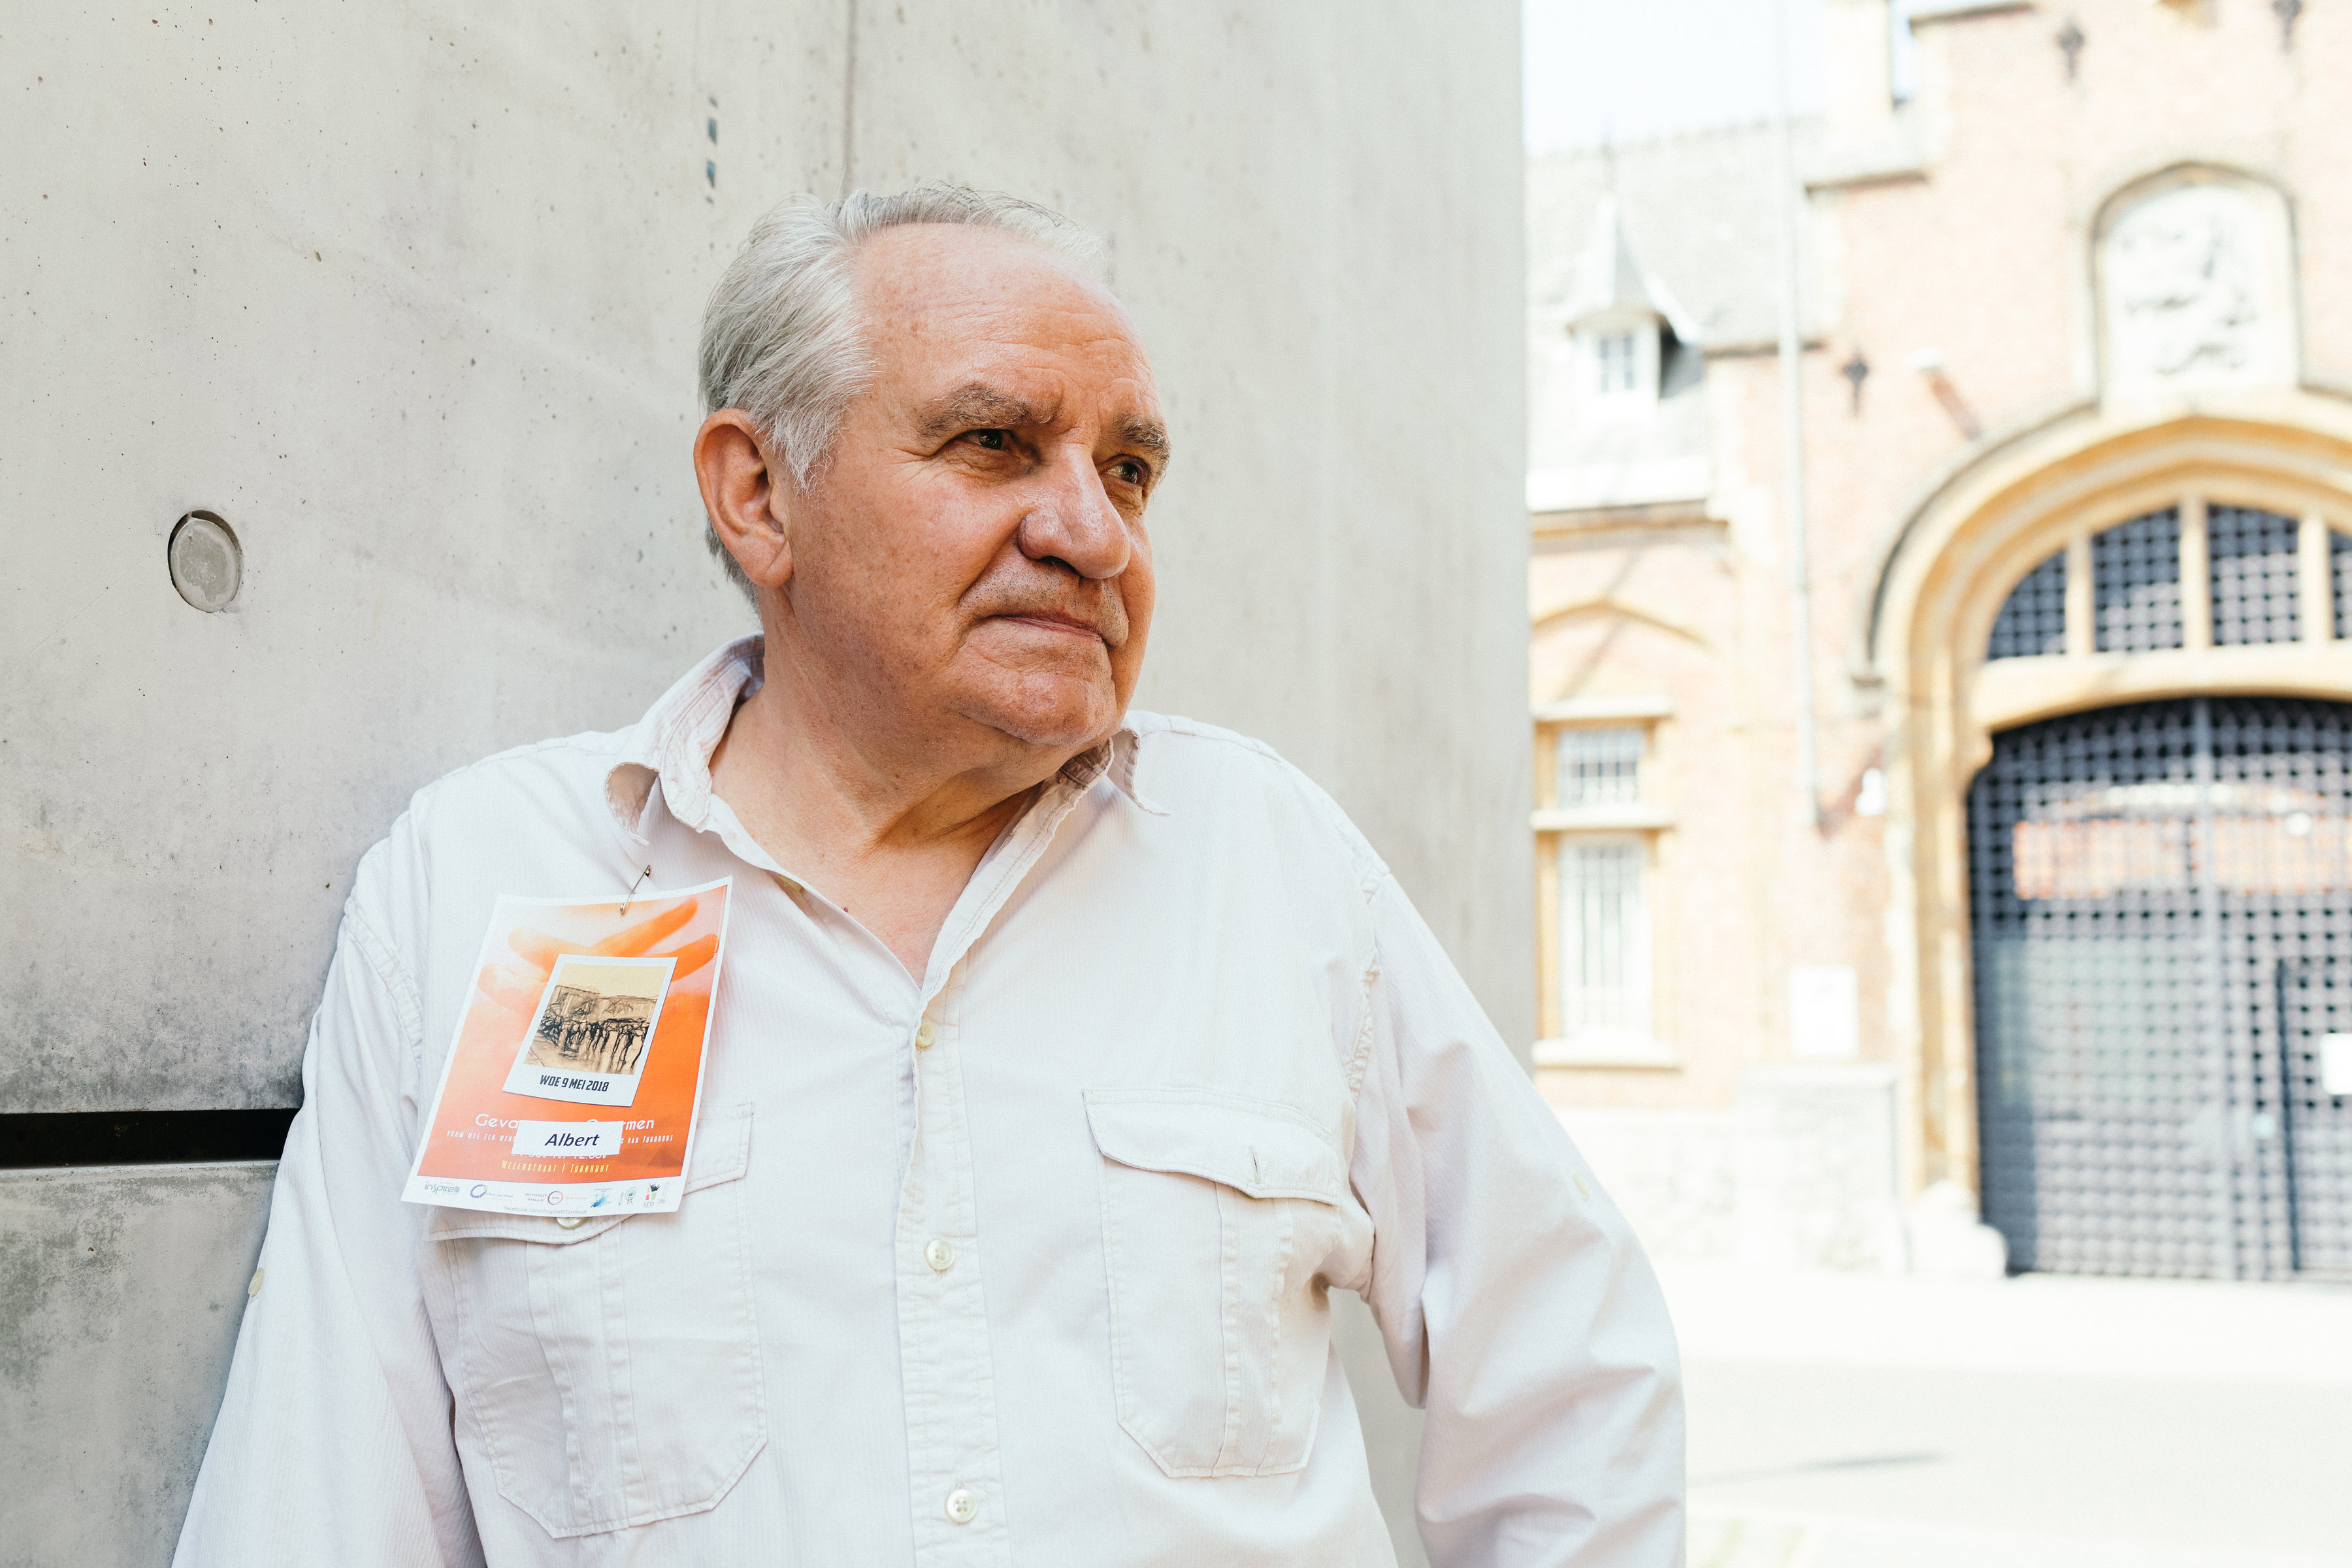 Ex-gedetineerde Albert heeft zijn leven terug op de sporen. 'Mijn straf was kort maar nuttig.' © Mathias Hannes